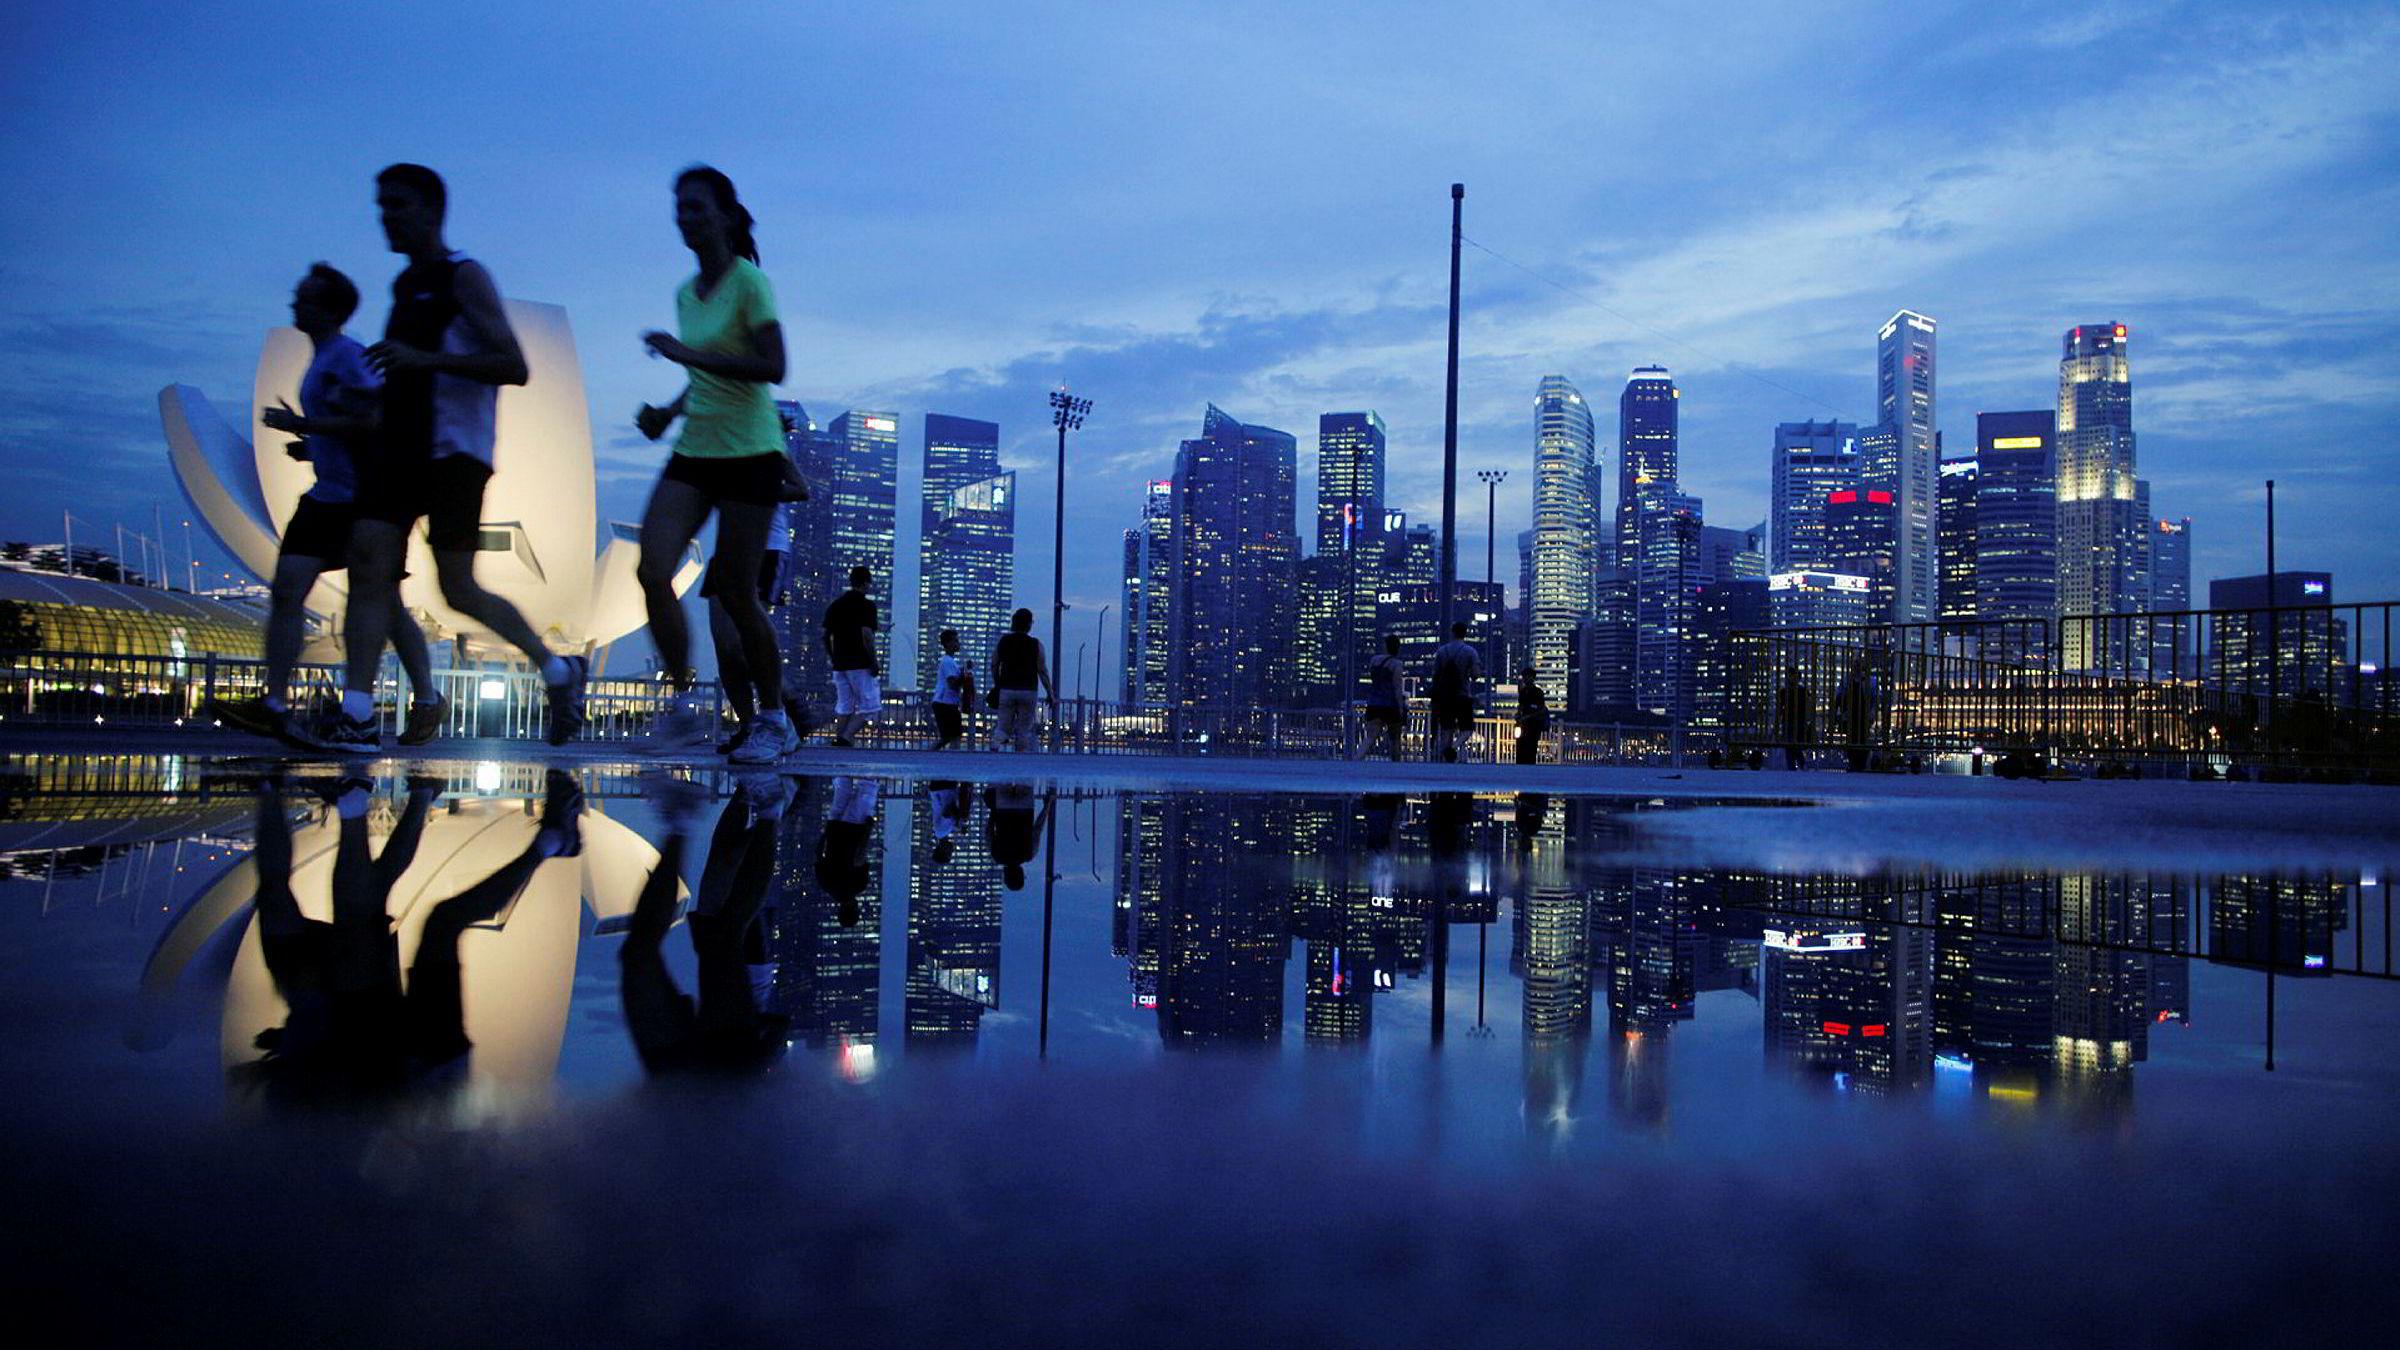 Finansdistriktet i Singapore huser to av de statlige investeringsfondene som er mest aktive i å investere i private teknologiselskaper.